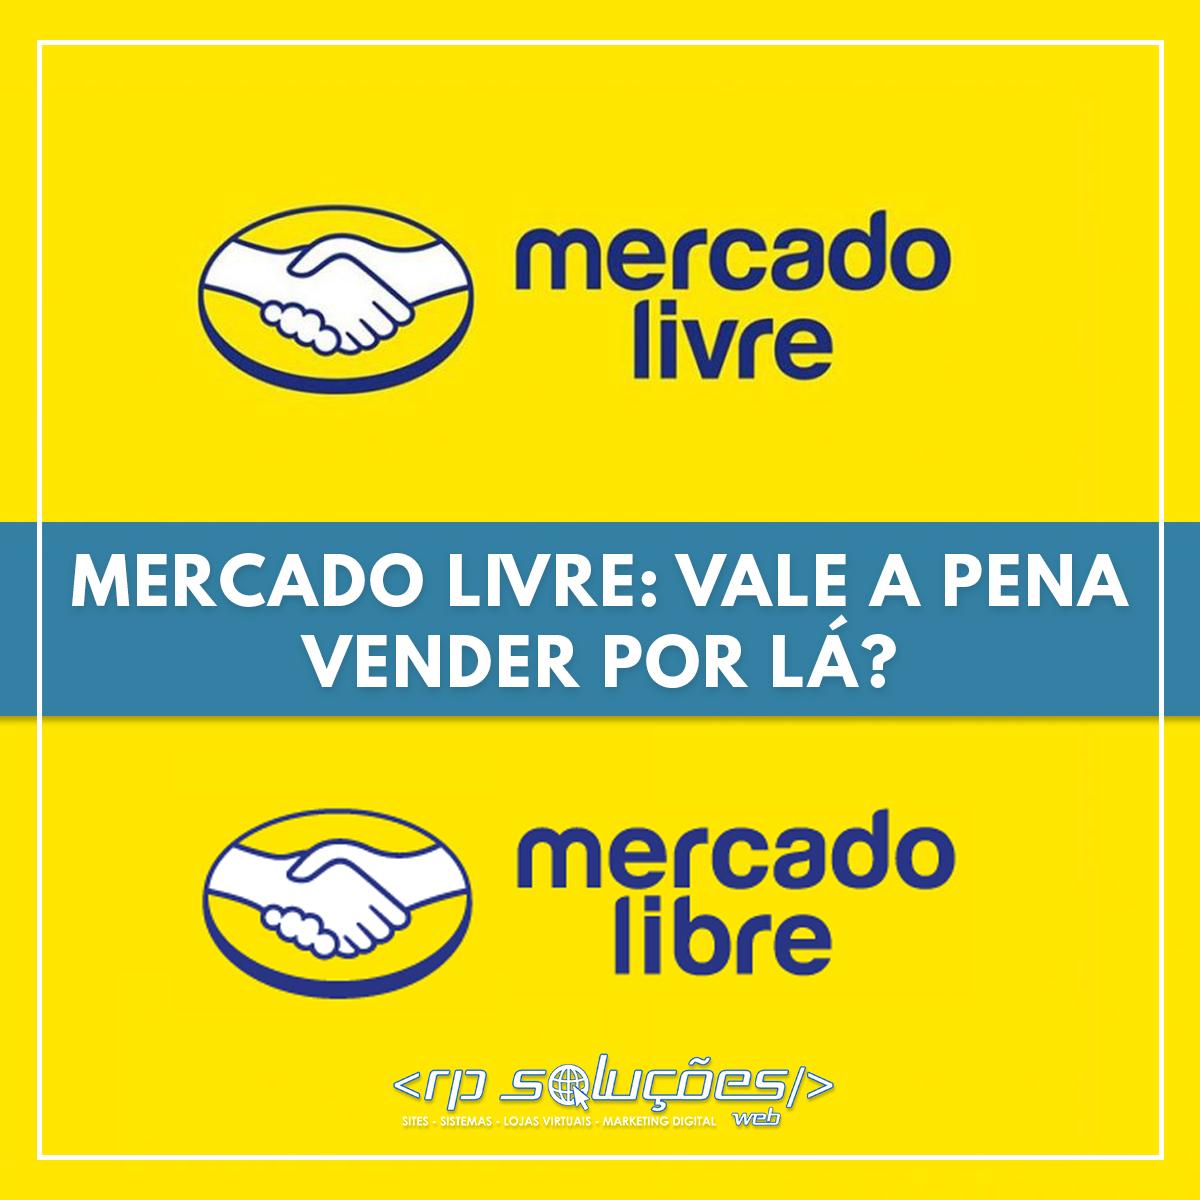 MERCADO LIVRE: VALE A PENA VENDER LÁ?